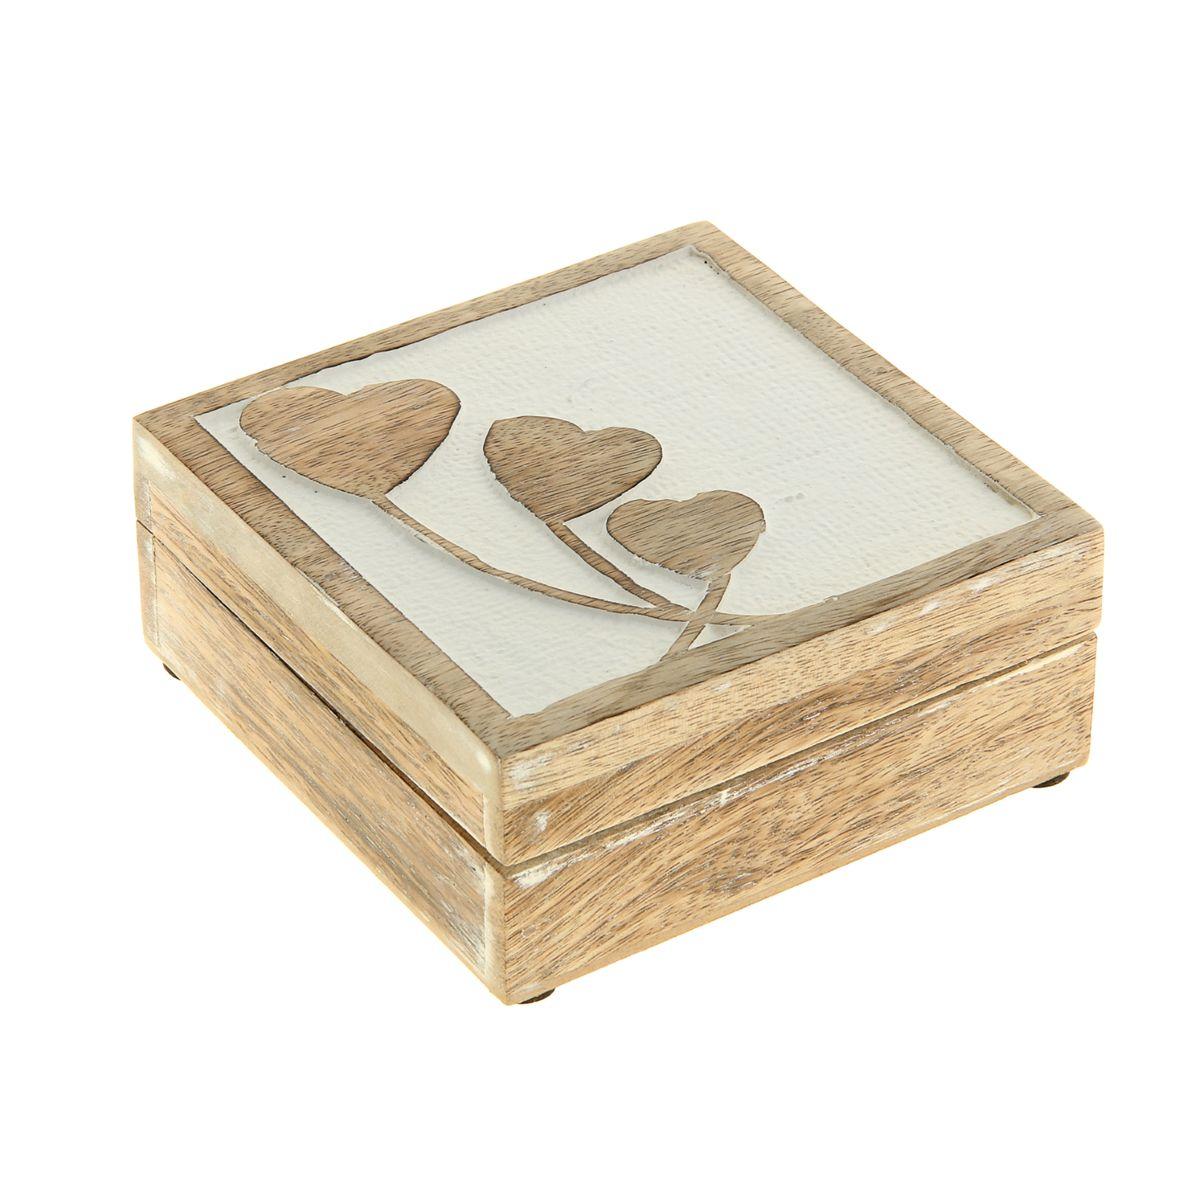 Шкатулка Sima-land Романтика, 13 см х 13 см х 5,5 см42735Шкатулка Sima-land Романтика изготовлена из дерева - натурального материала, словно пропитанного теплом яркого солнца. Крышка украшена узором. Внутри одно отделение.Такая шкатулка - не простой сувенир. Ее функция не только декоративная, но и сугубо практическая - служить удобным и надежным местом для хранения самых разных мелочей. Разумеется, особо неравнодушны к этим элегантным предметам интерьера женщины. Мастерицы кладут в шкатулки швейные и рукодельные принадлежности. Модницы и светские львицы - любимые украшения и аксессуары. И, конечно, многие представительницы прекрасного пола хранят в шкатулках, убранных в укромный уголок, какие-то памятные знаки: фотографии, старые письма, сувениры, напоминающие о важных событиях и особо счастливых моментах, сухие лепестки роз и другие небольшие сокровища.